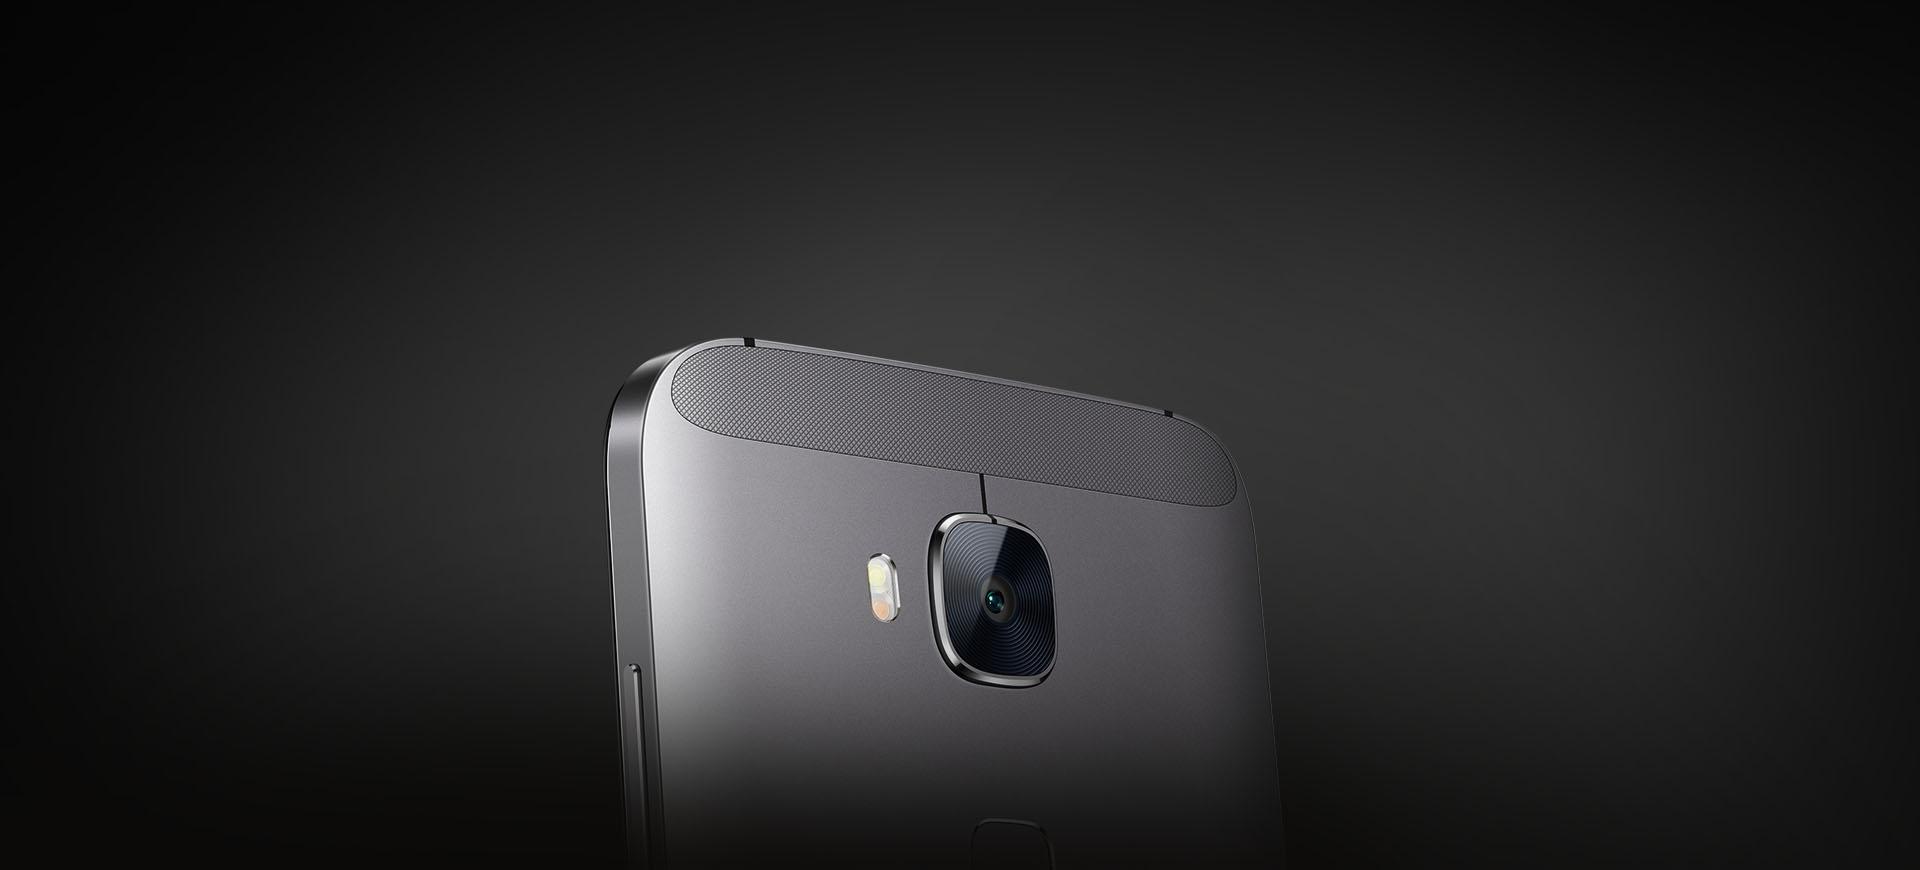 Kvalitní fotoaparát je základním kamenem mobilu Huawei G8, ten nabízí špičkový 13 Mpx snímač s automatickým ostřením.